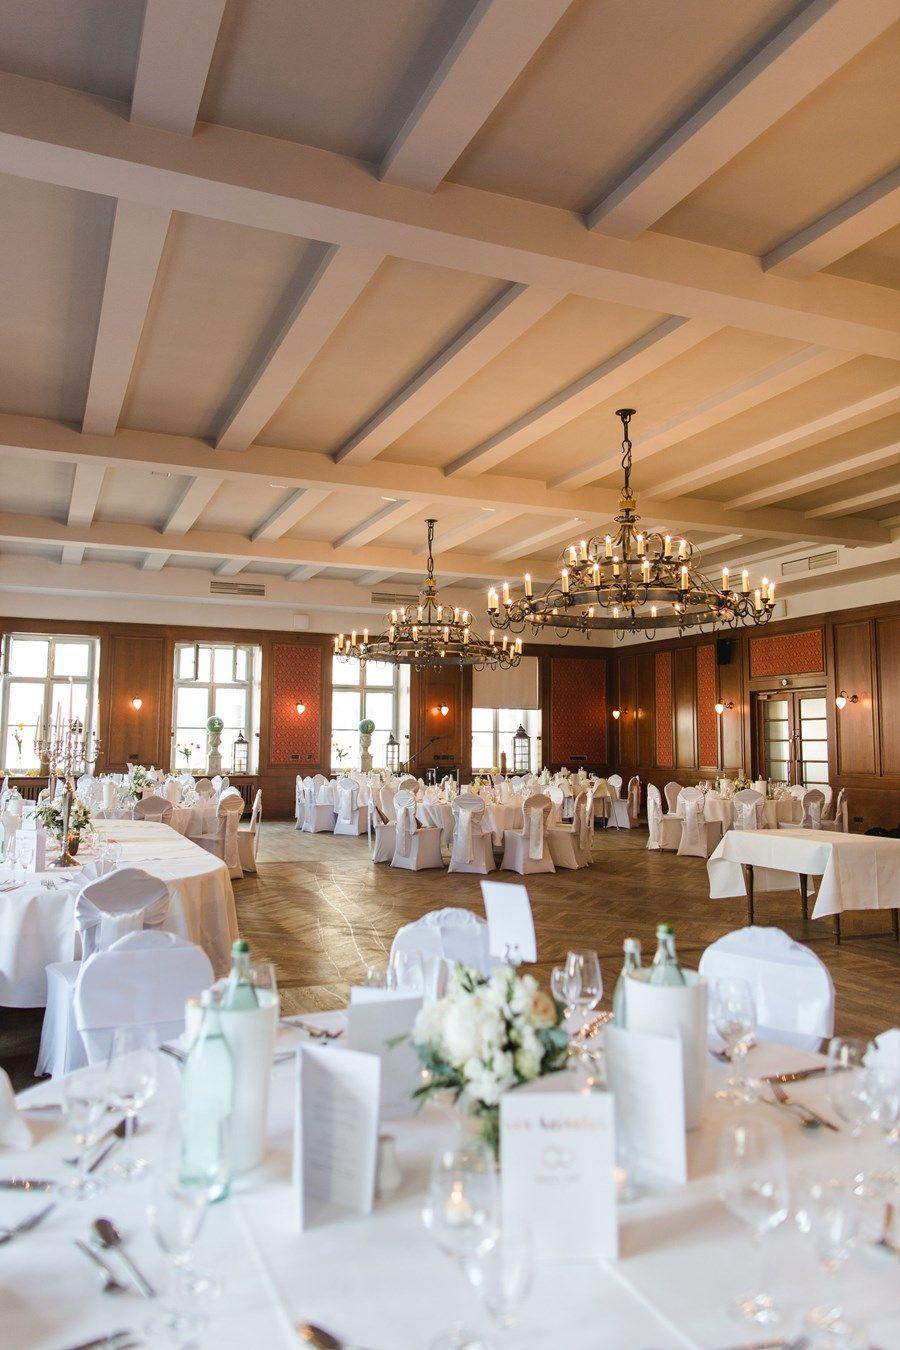 Hochzeits Locations In Und Um Munchen In 2020 Hochzeitslocation Hochzeit Location Scheunen Hochzeit